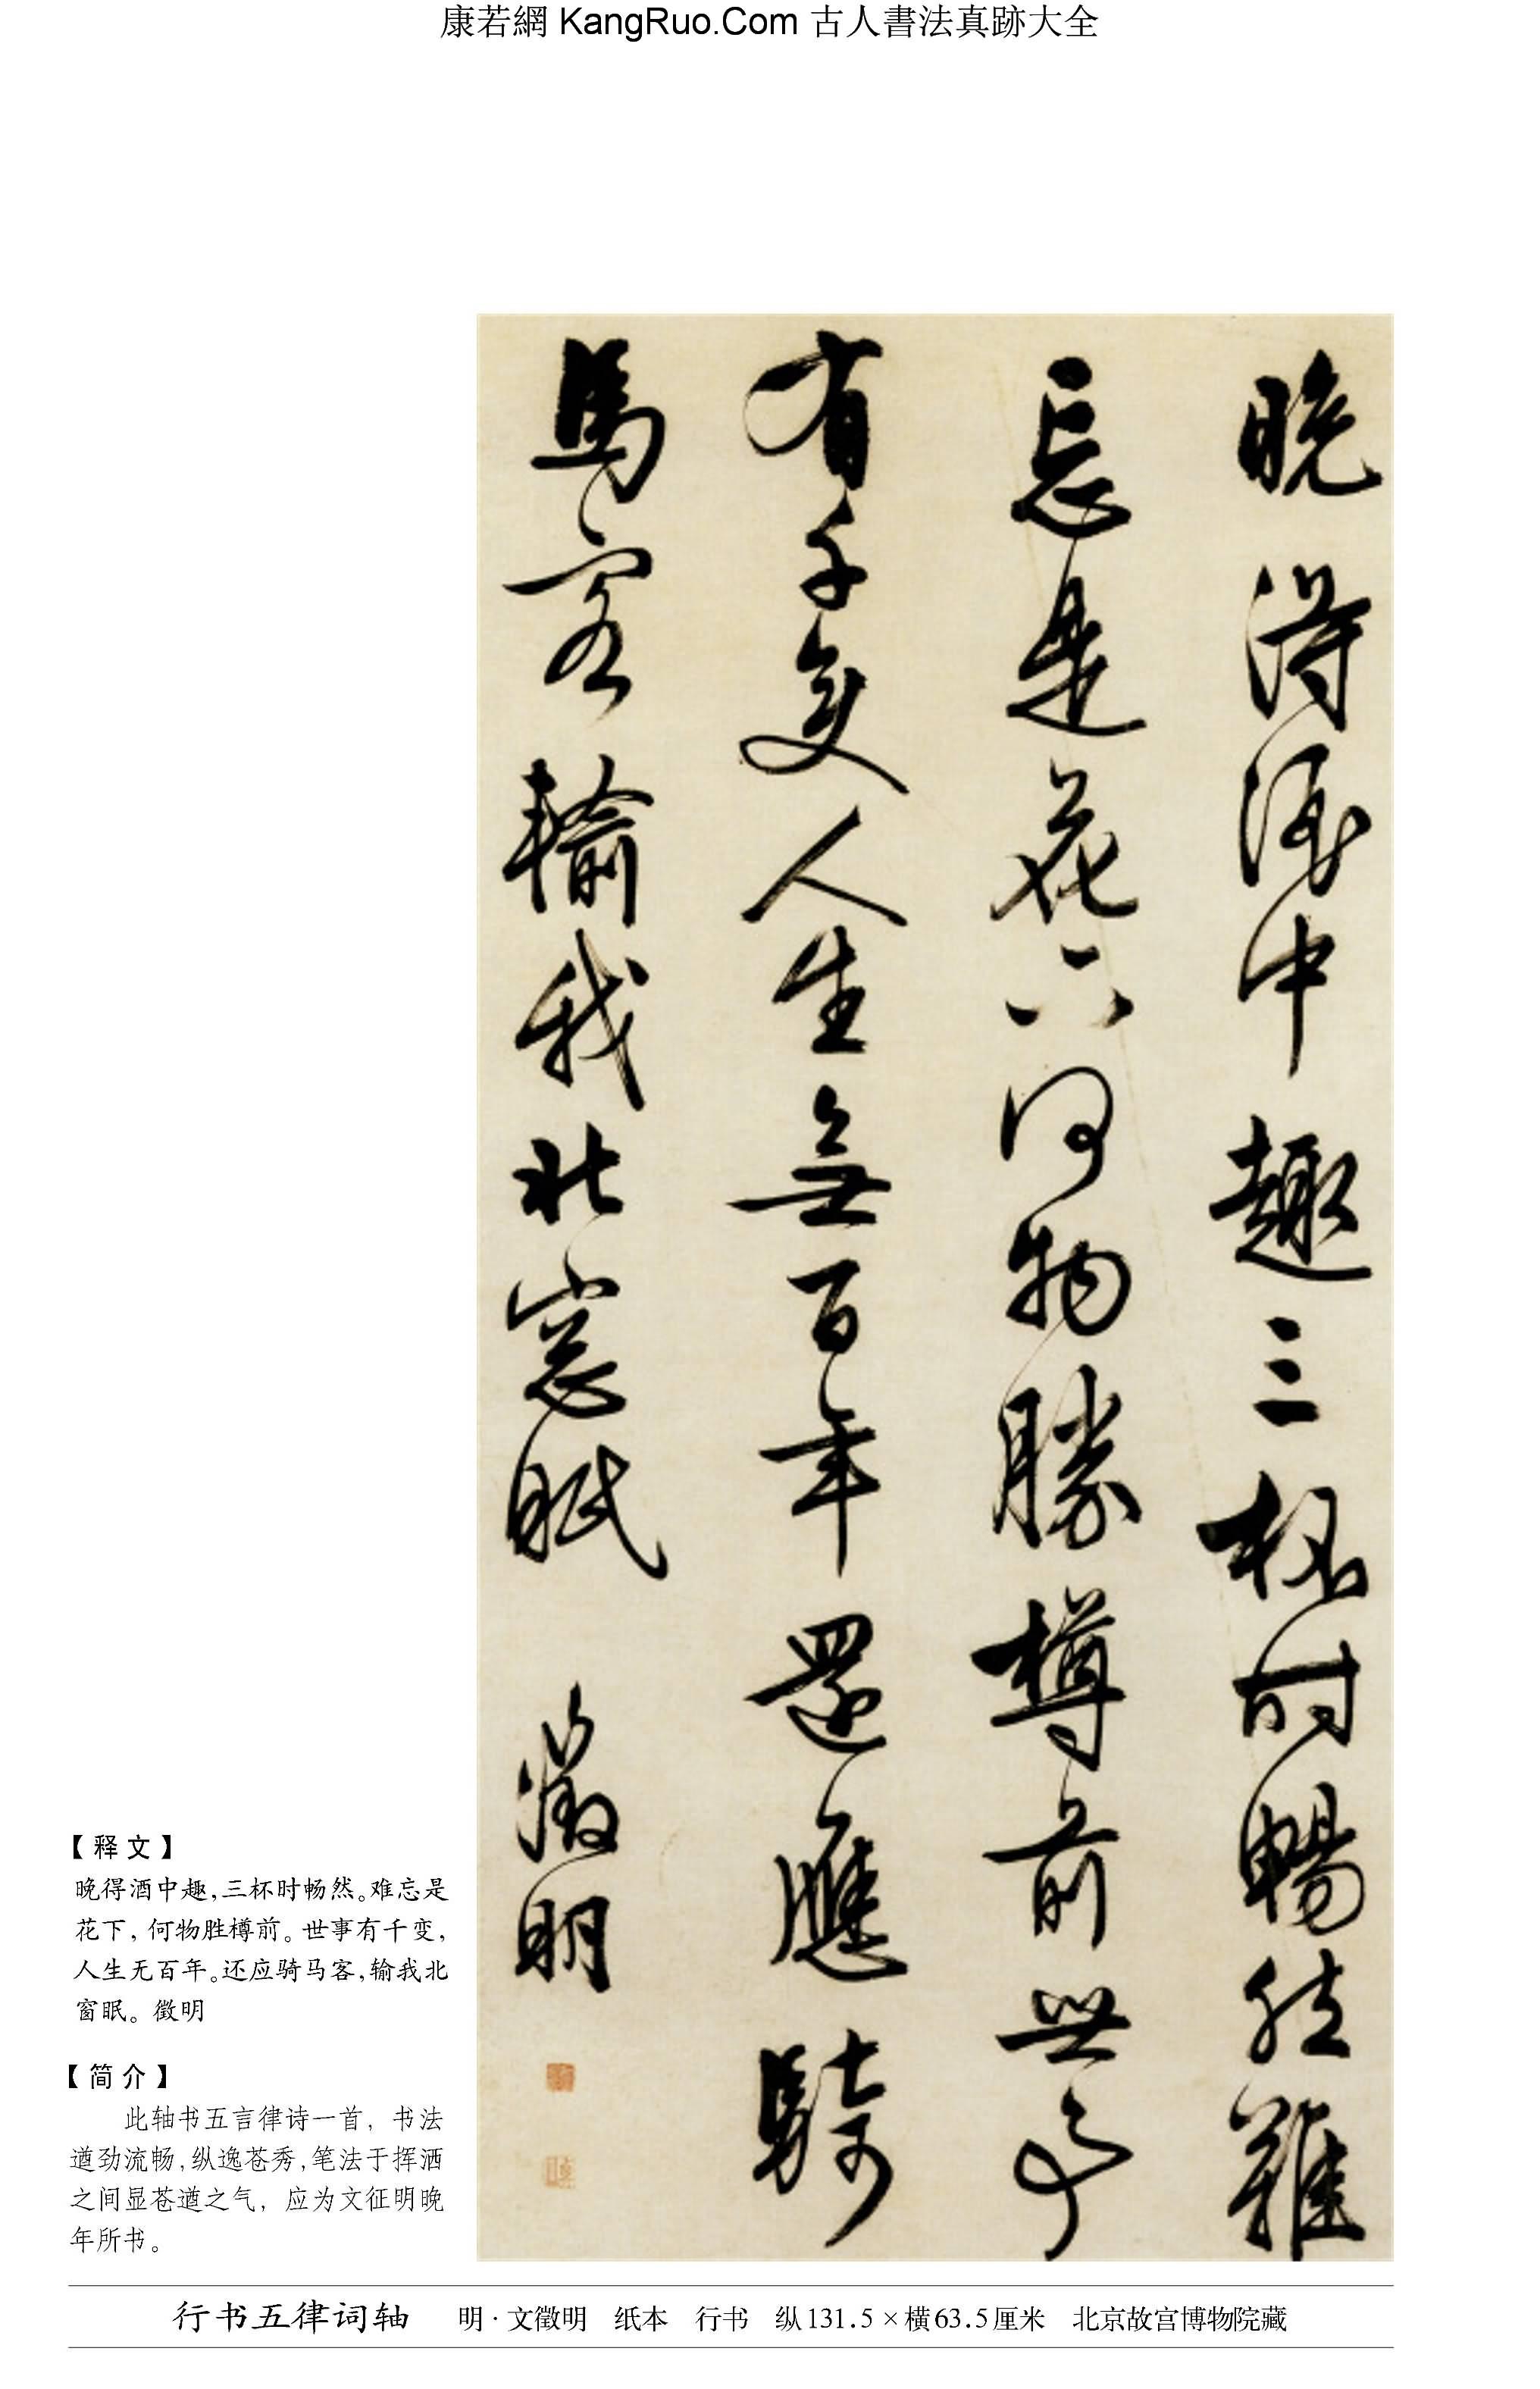 《行書五律詞軸》書法真跡【明朝·文徵明】_00186